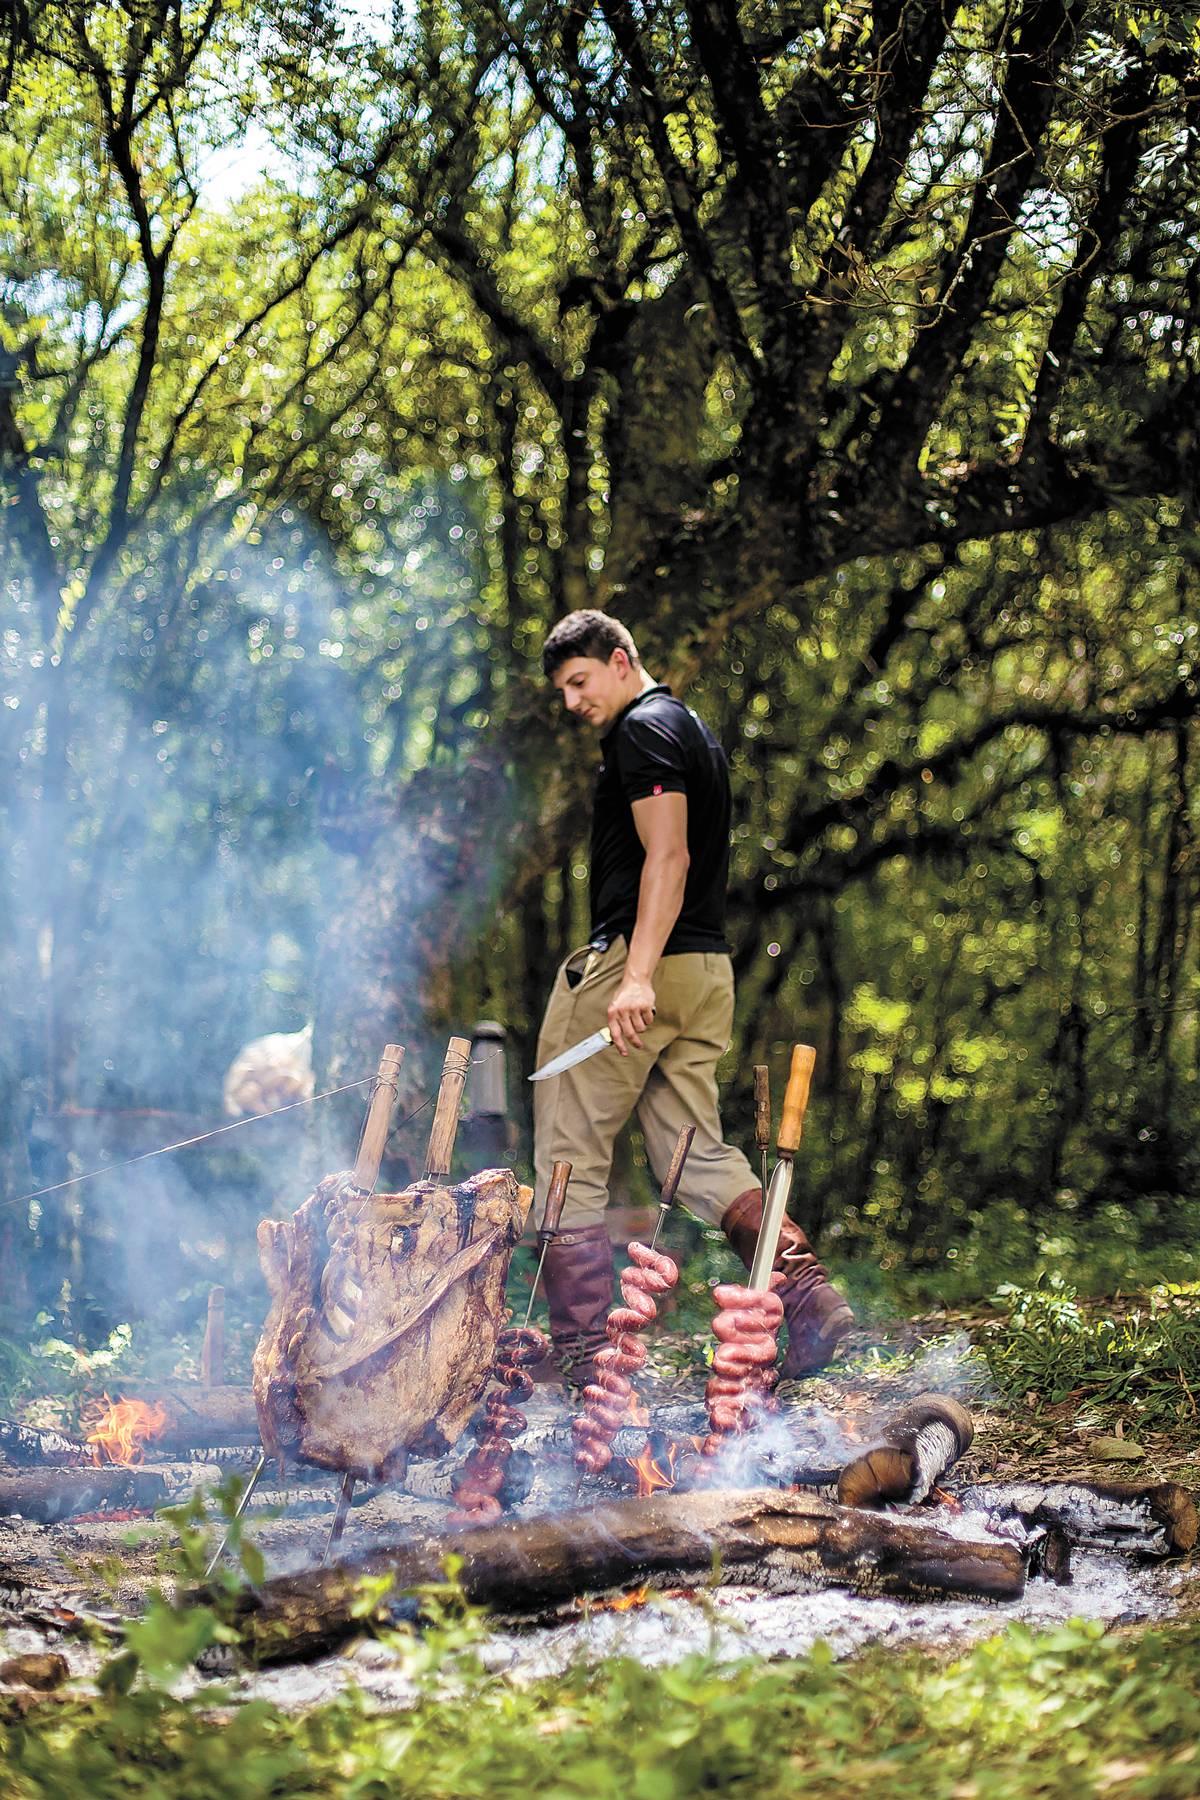 Ricardo Nosini, 30 anos, faz churrasco semanalmente na região | Bruna Prado e Anassilvia Bortoluzzi